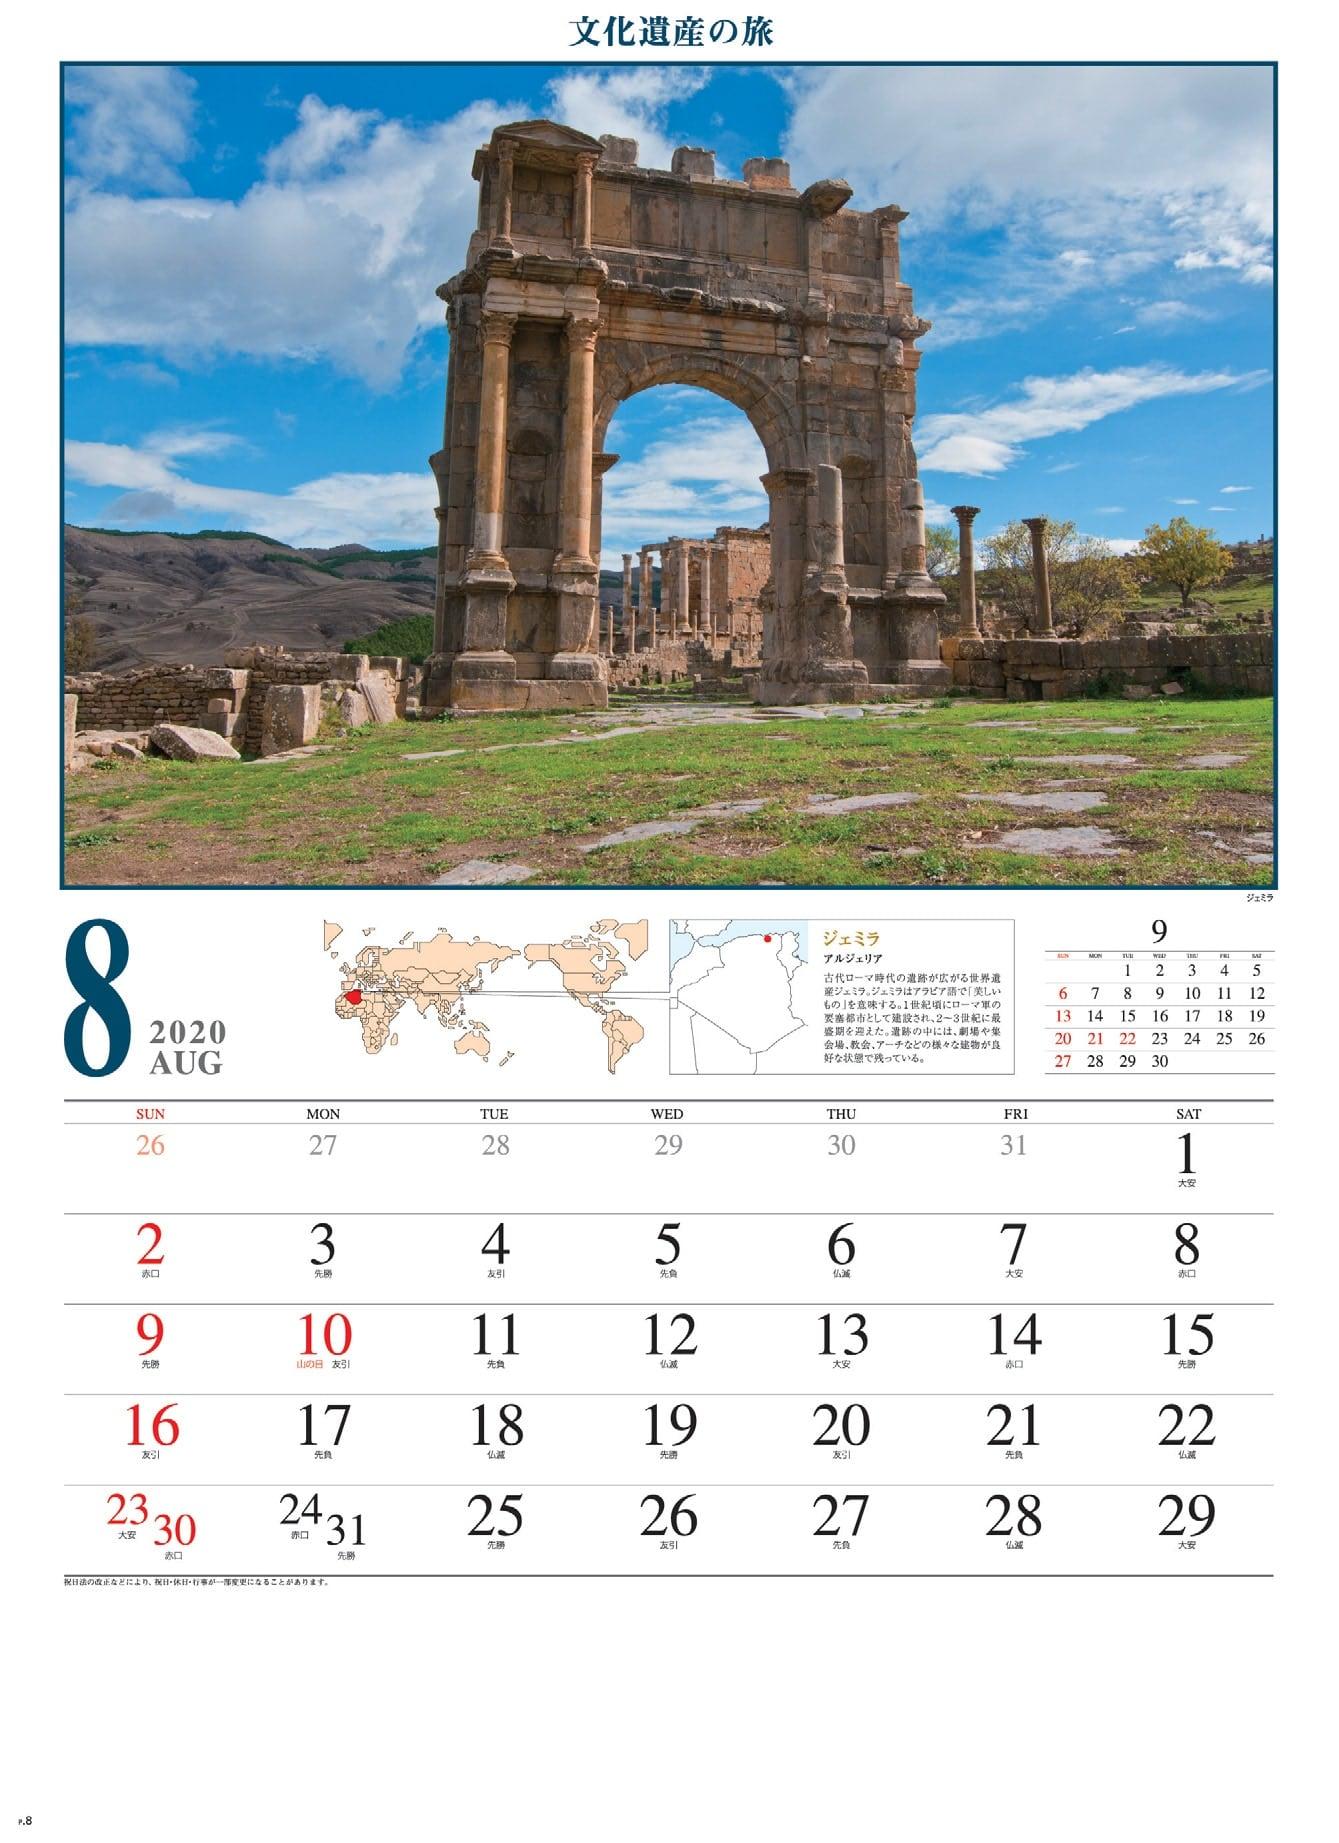 画像:ジェミラ(アルジェリア) 文化遺産の旅(ユネスコ世界遺産) 2020年カレンダー